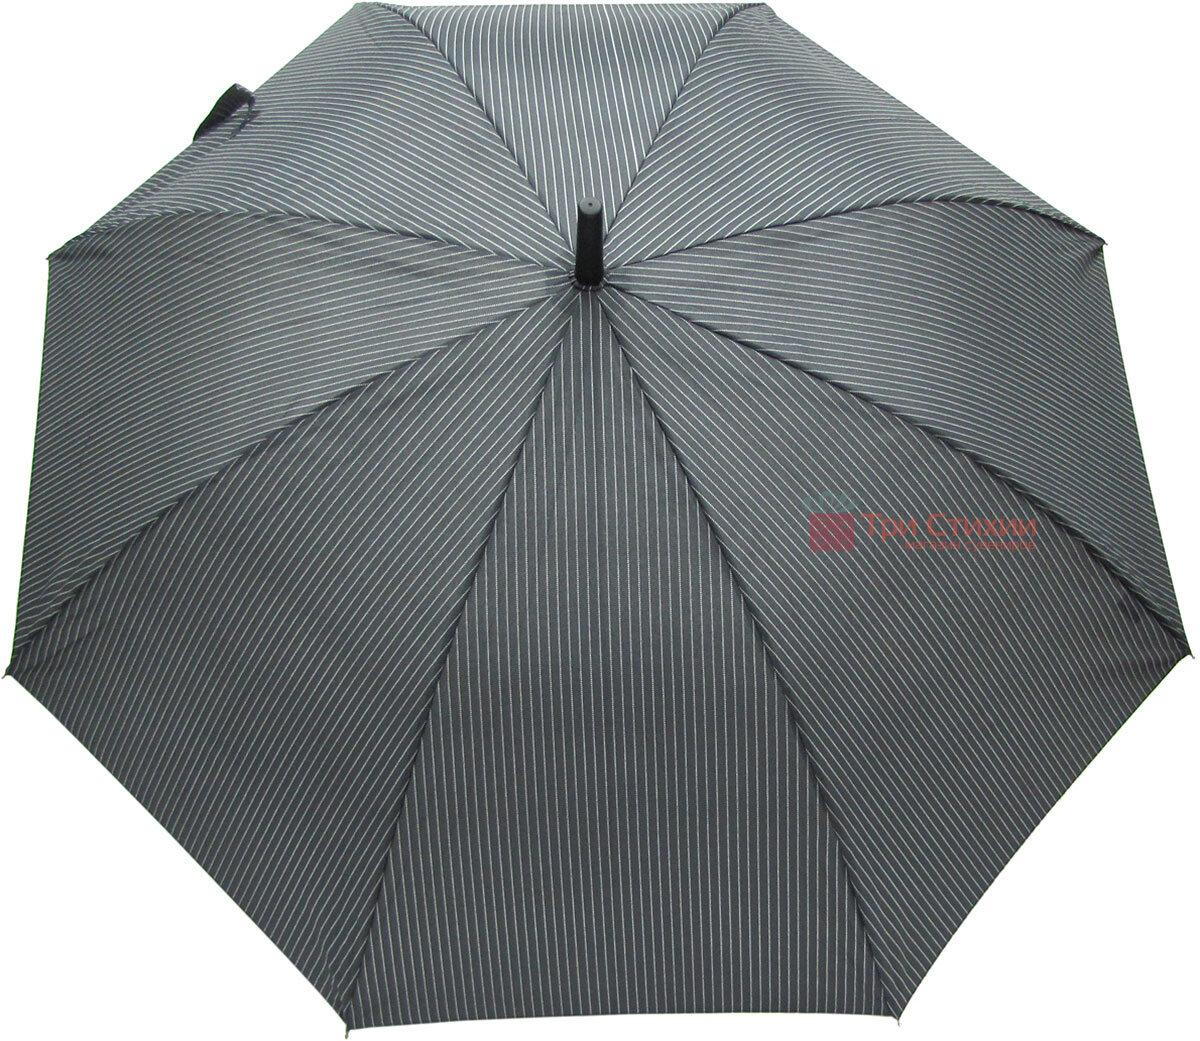 Зонт-трость Derby 77167P-4 полуавтомат Полоска, фото 2